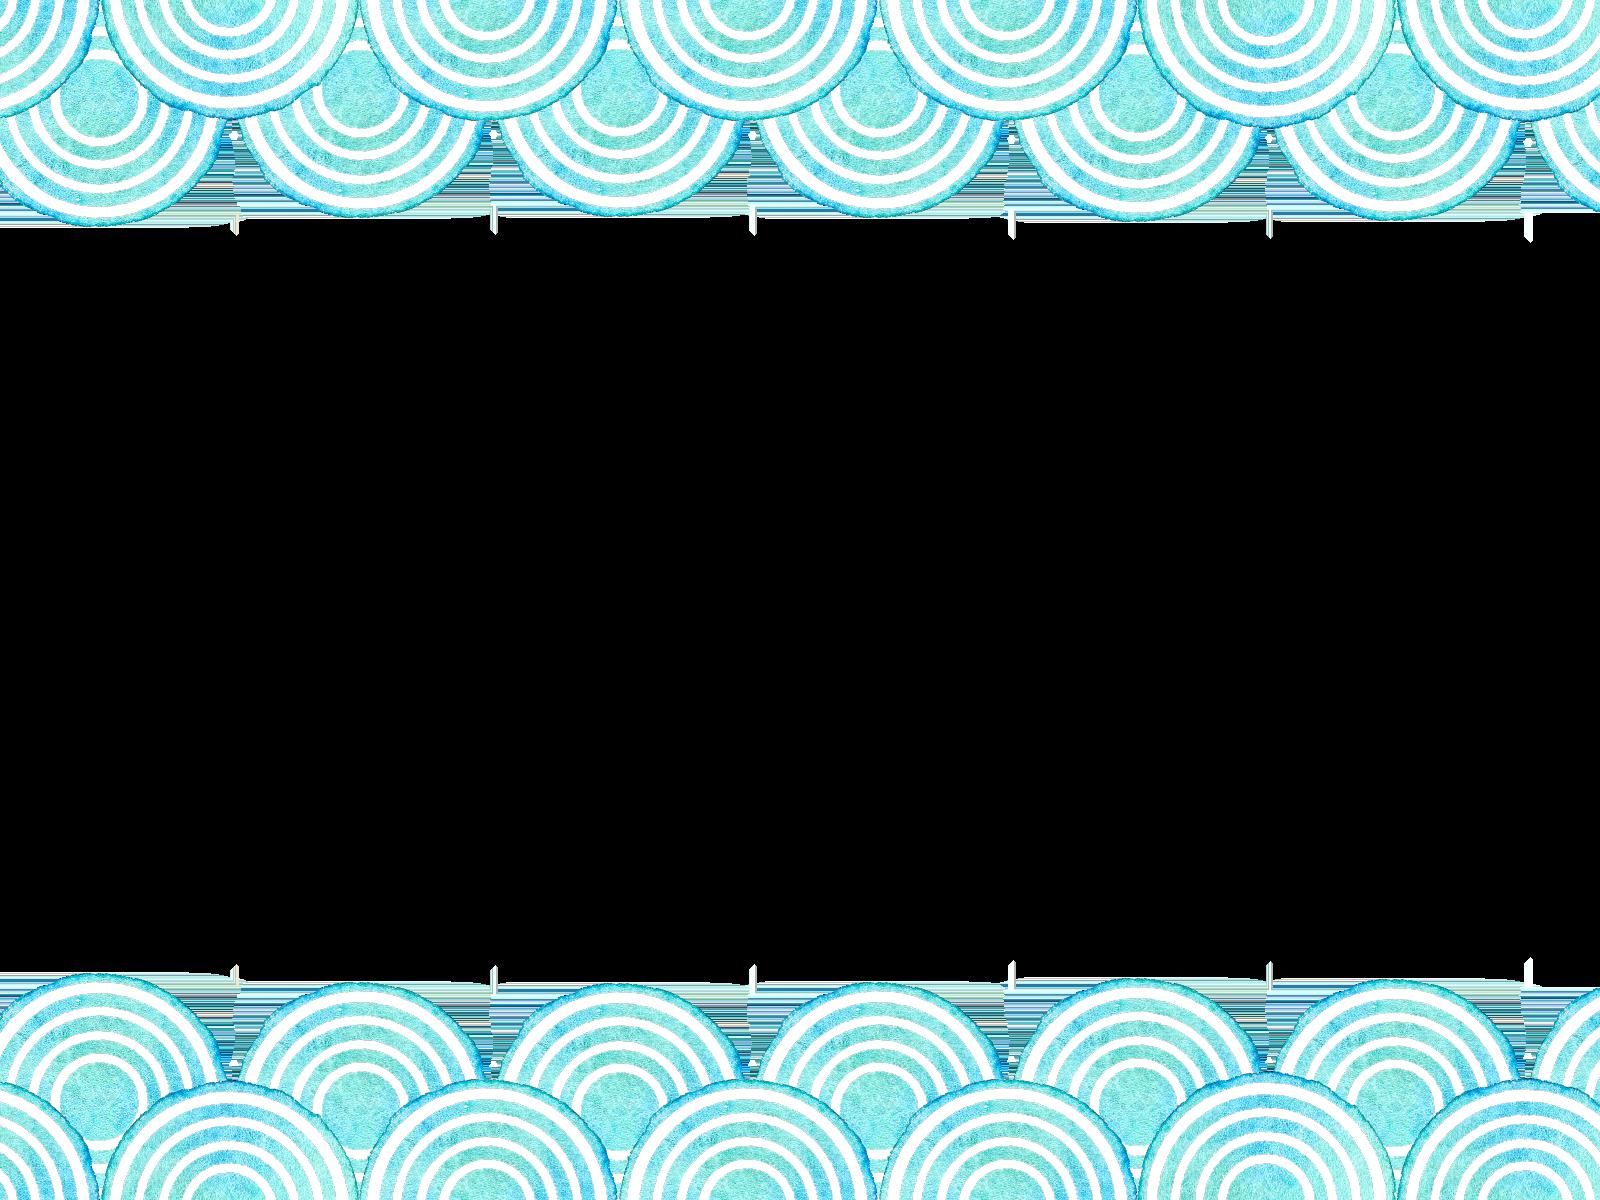 青海波の水彩素材